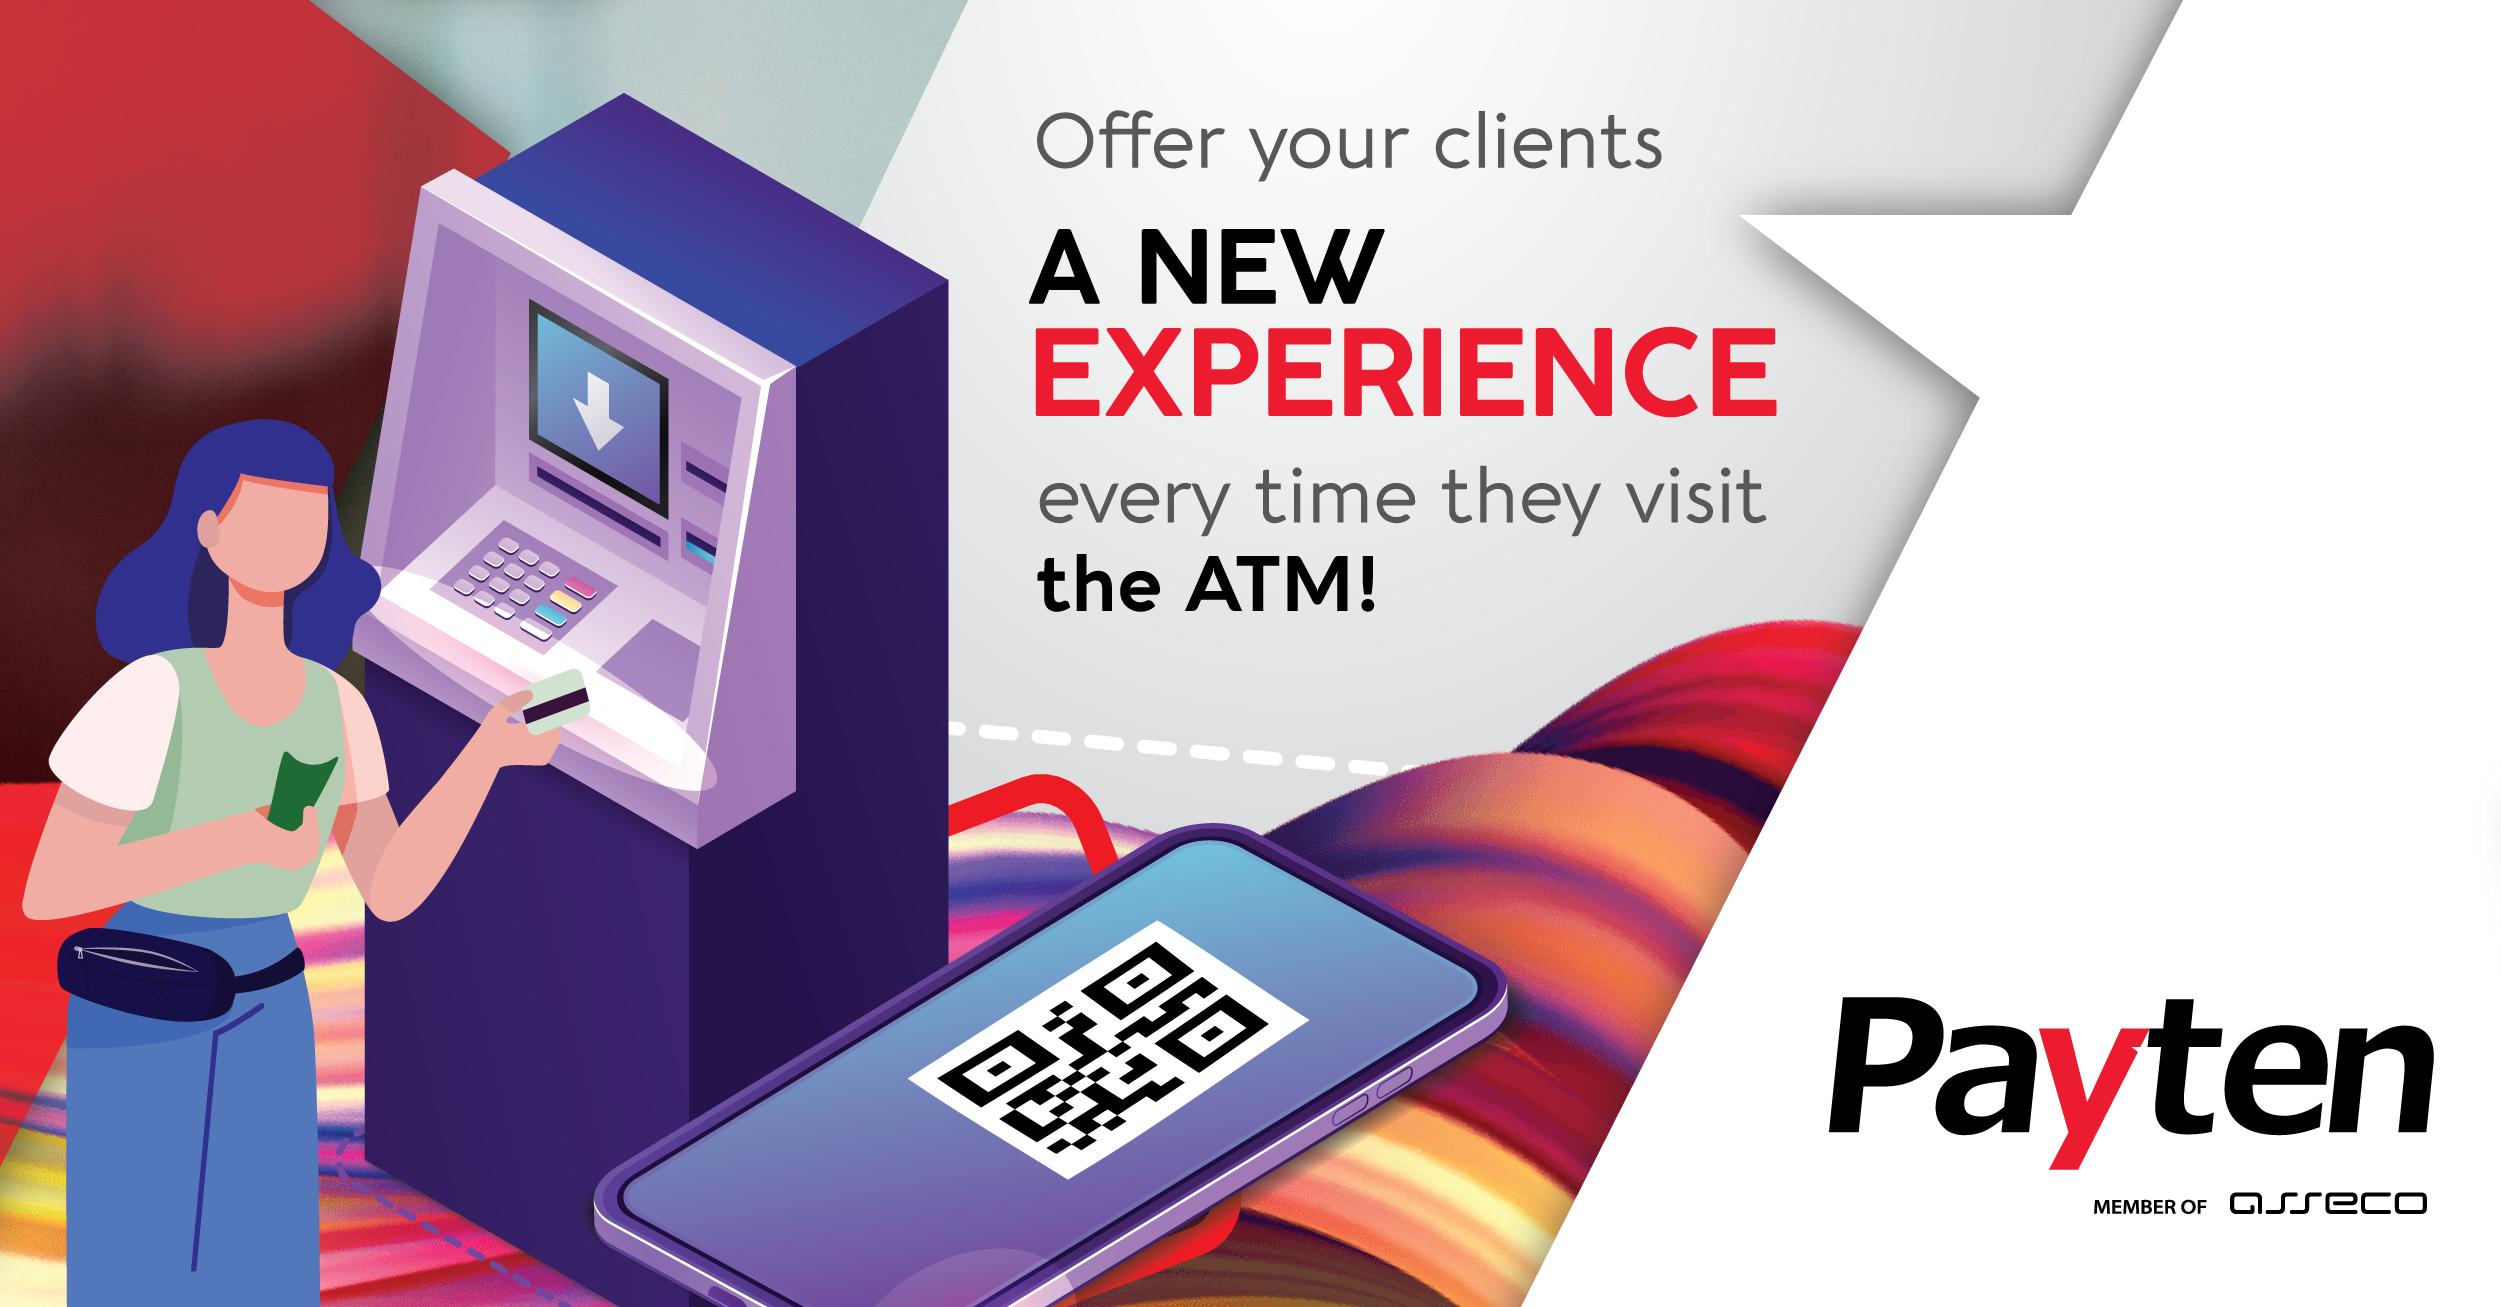 Rețelele ATM ale băncilor rămân o infrastructură costisitoare într-o lume fără numerar sau devin un nou canal digital?